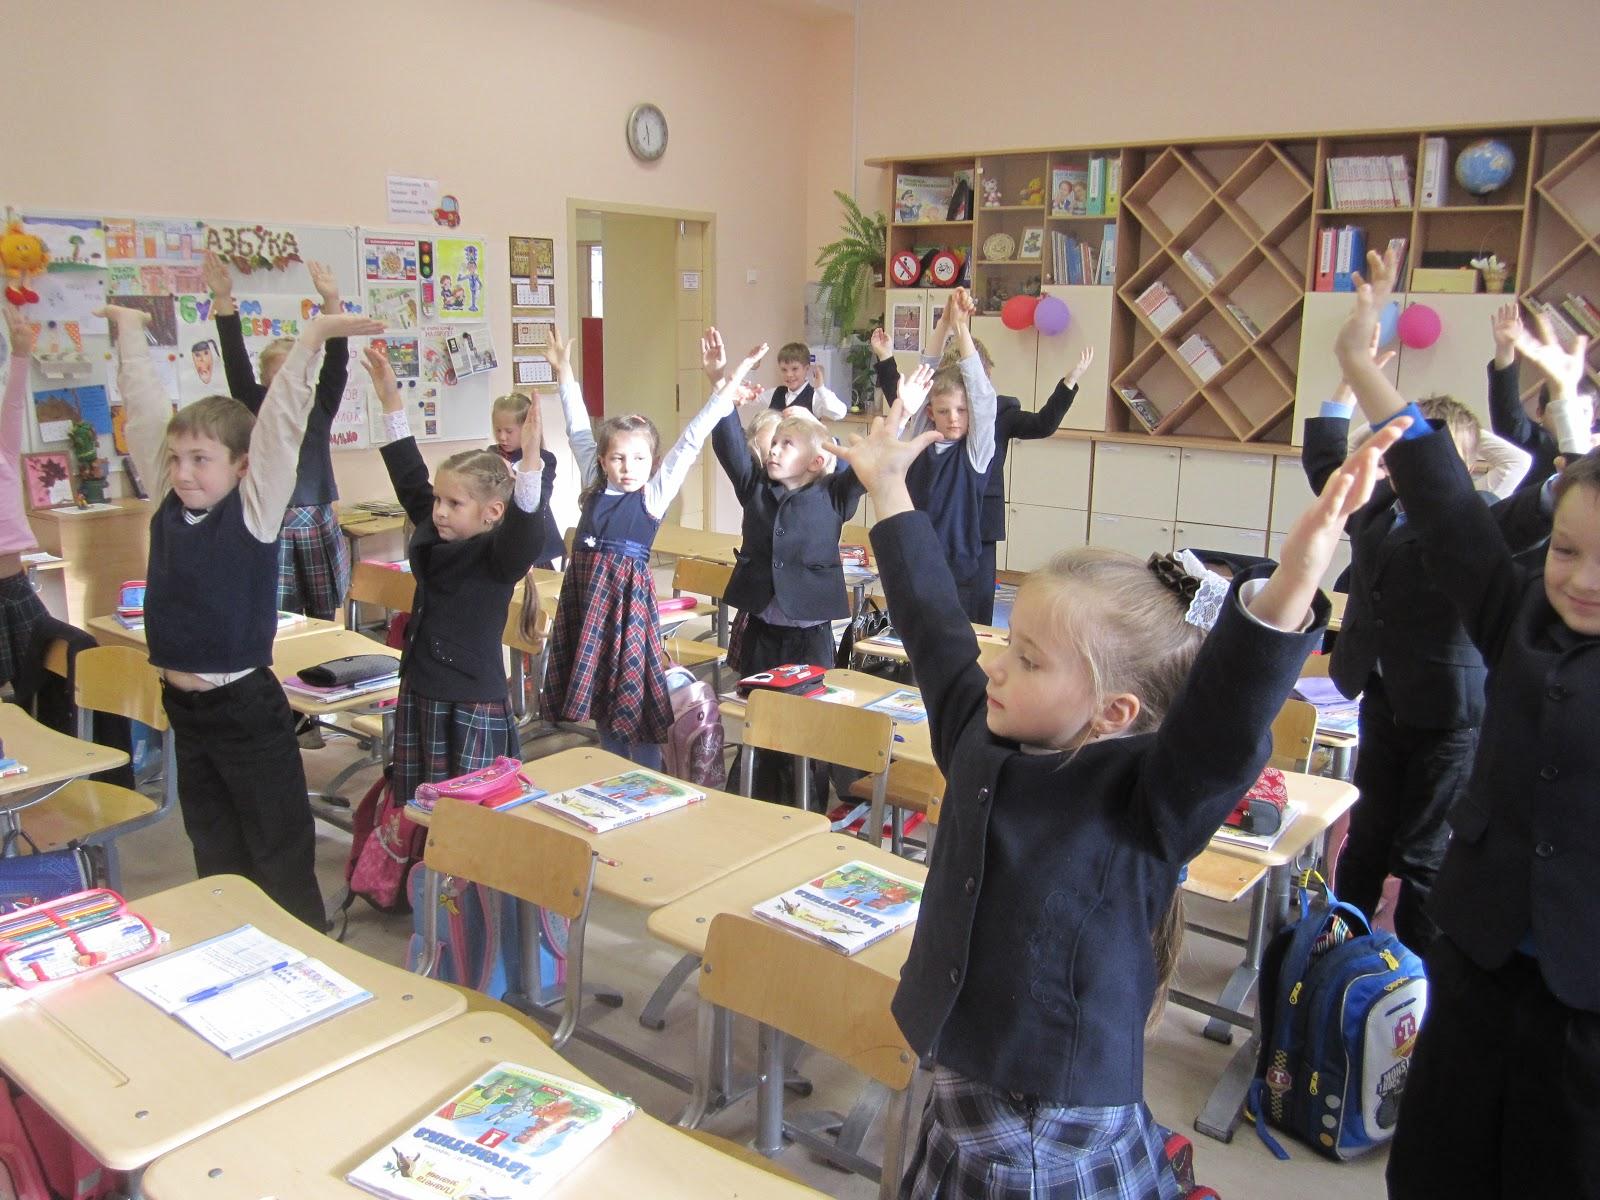 презентации физкультминуток начальной школе